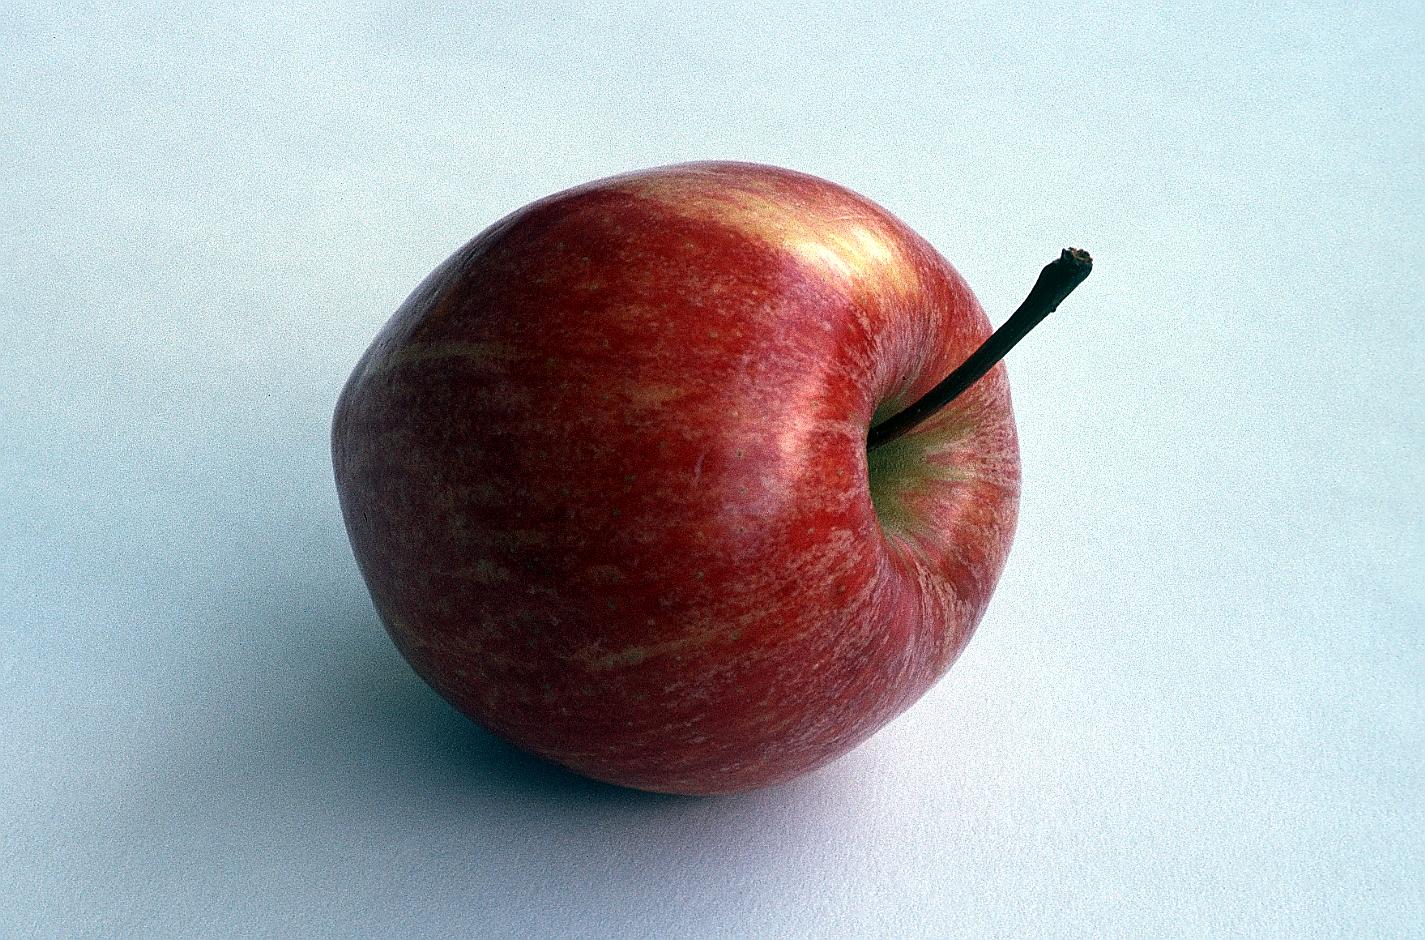 صور تفاح باشكال رائعة